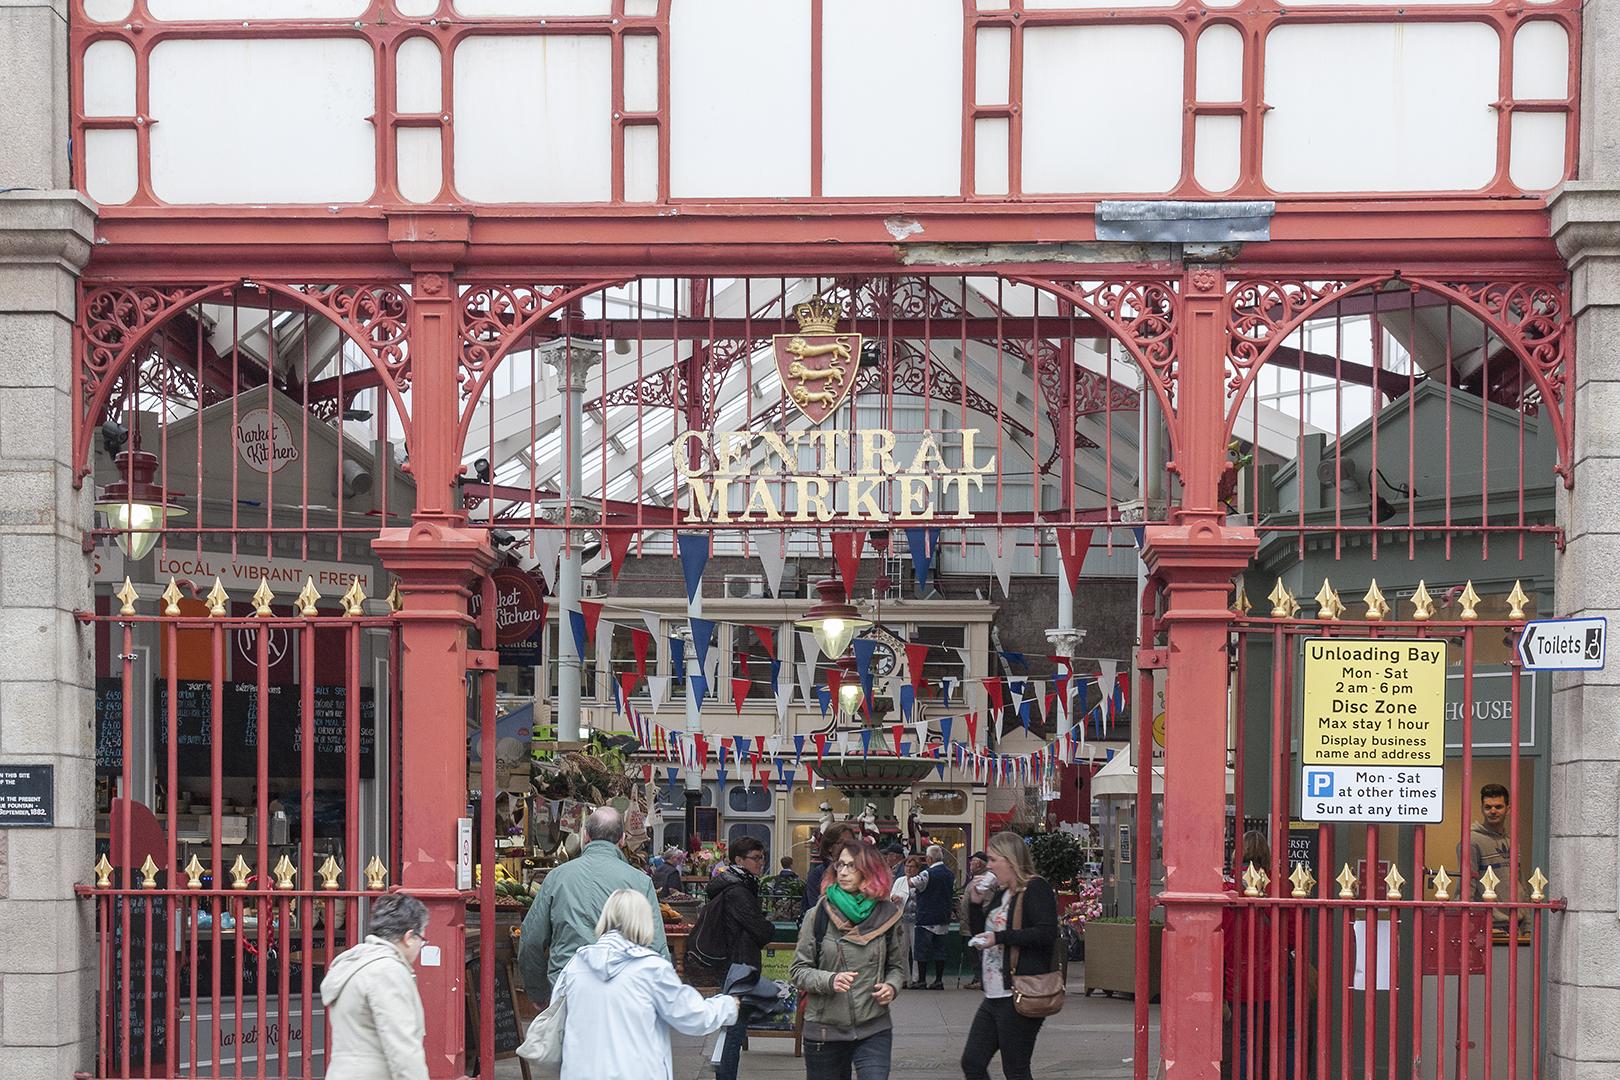 central market entrance.jpg